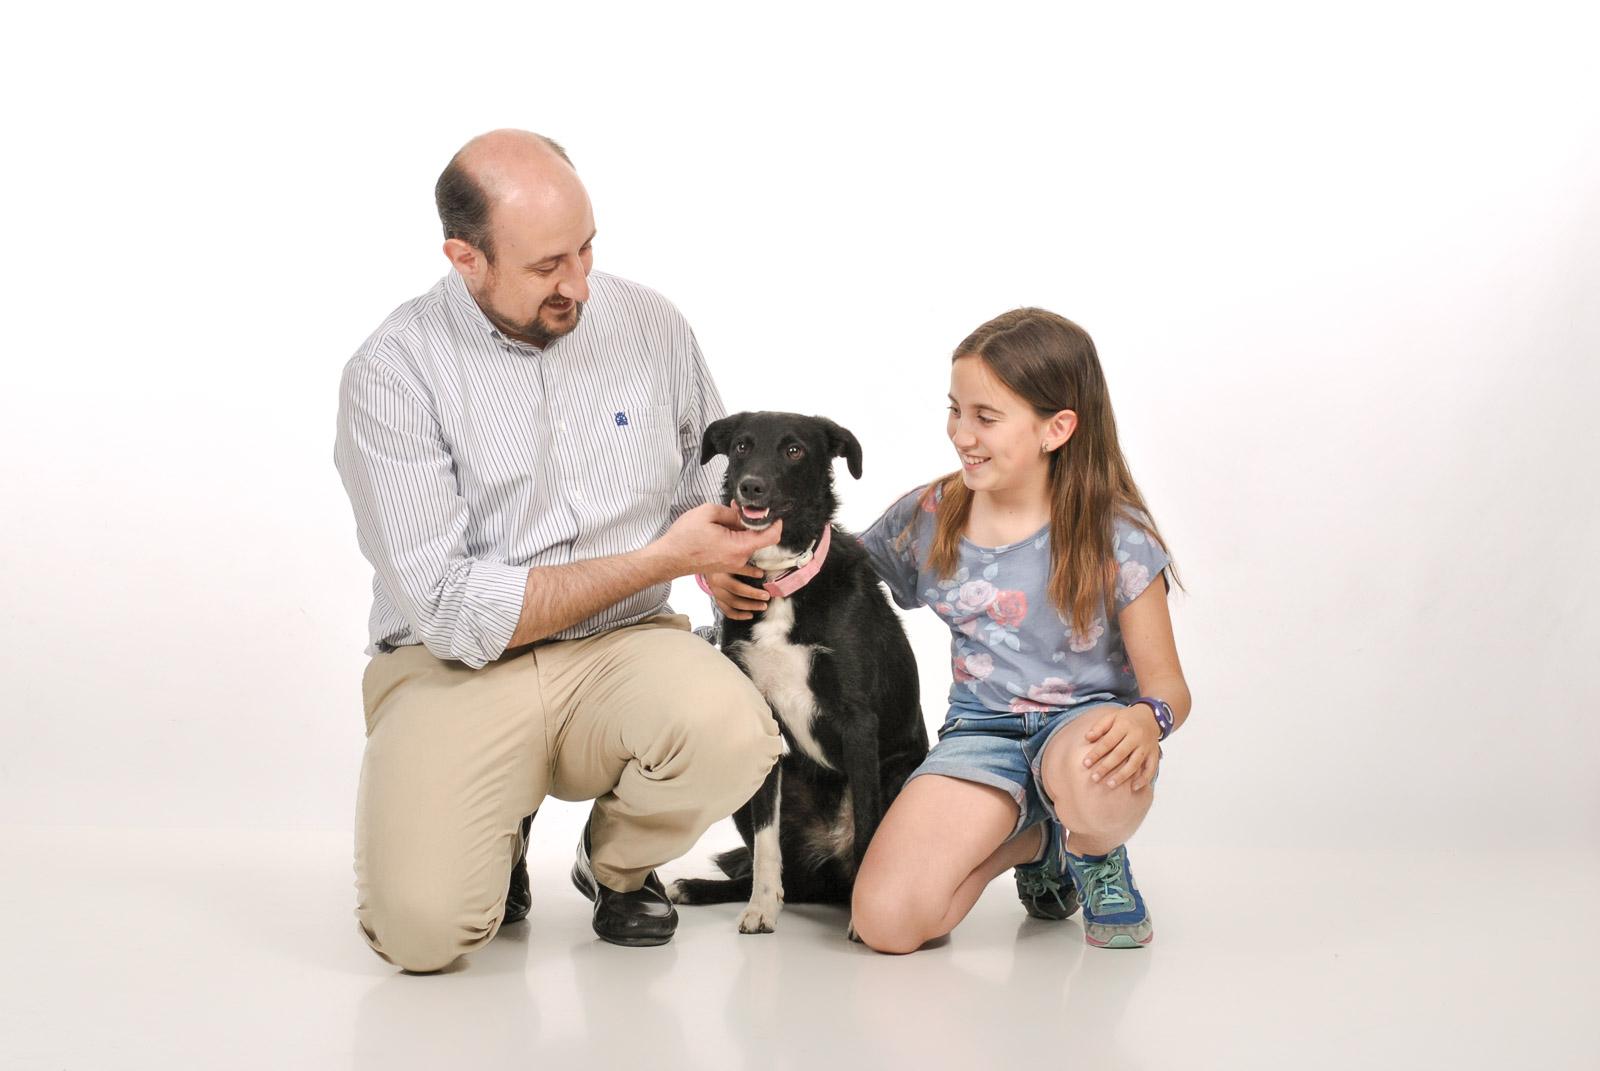 kidsfoto.es Mini sesión fotográfica con mascota, Zaragoza